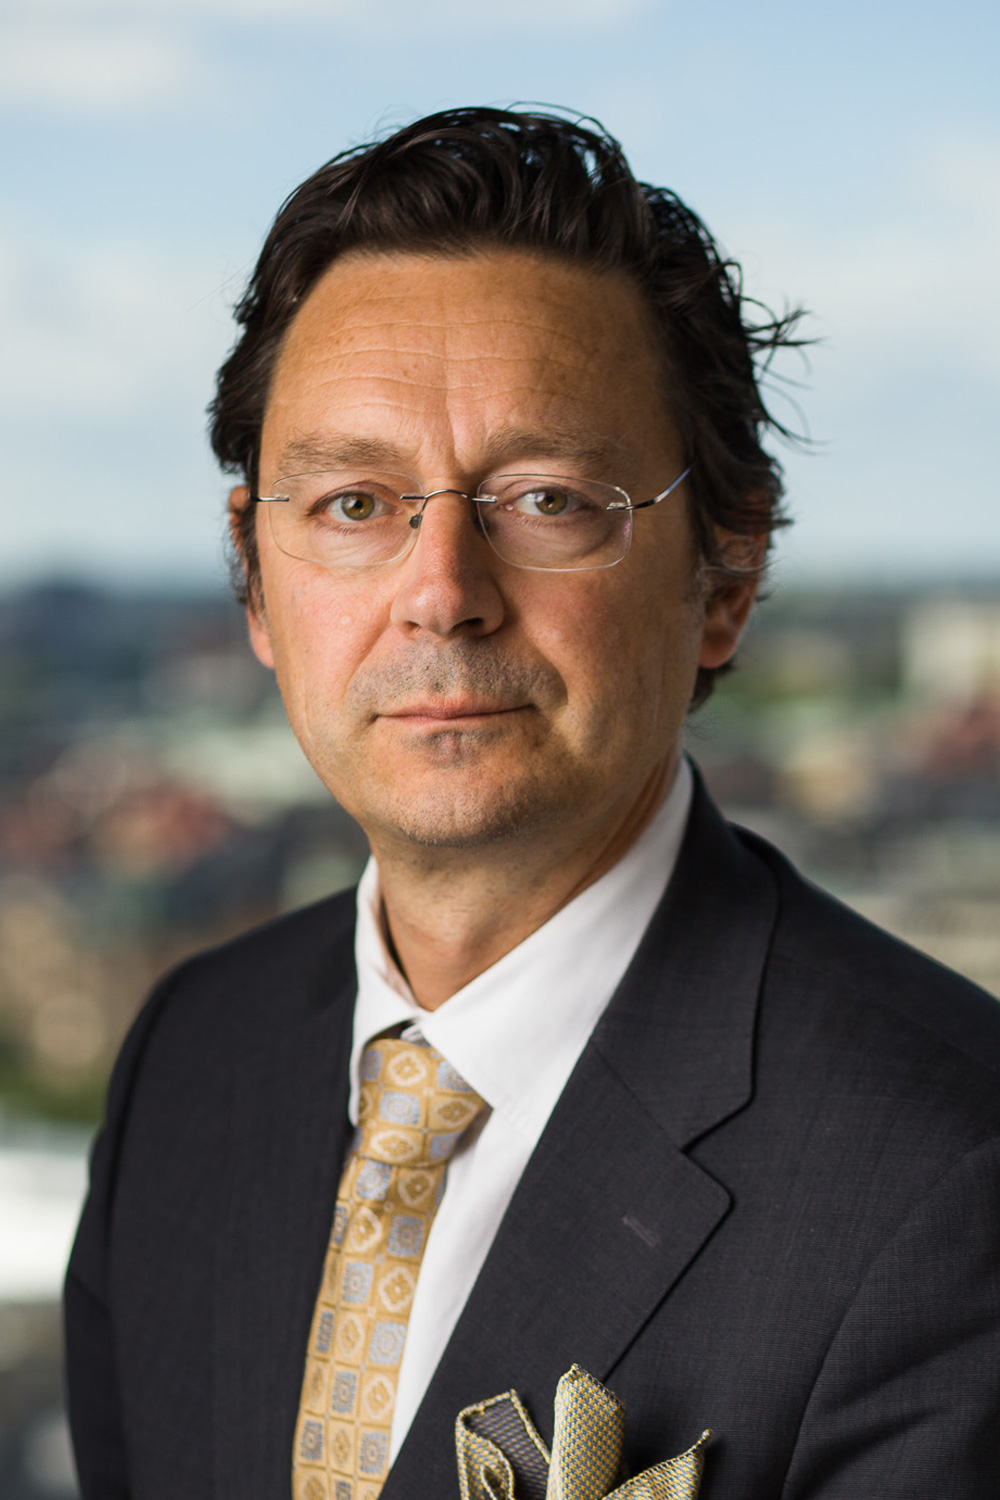 Stefan Häge